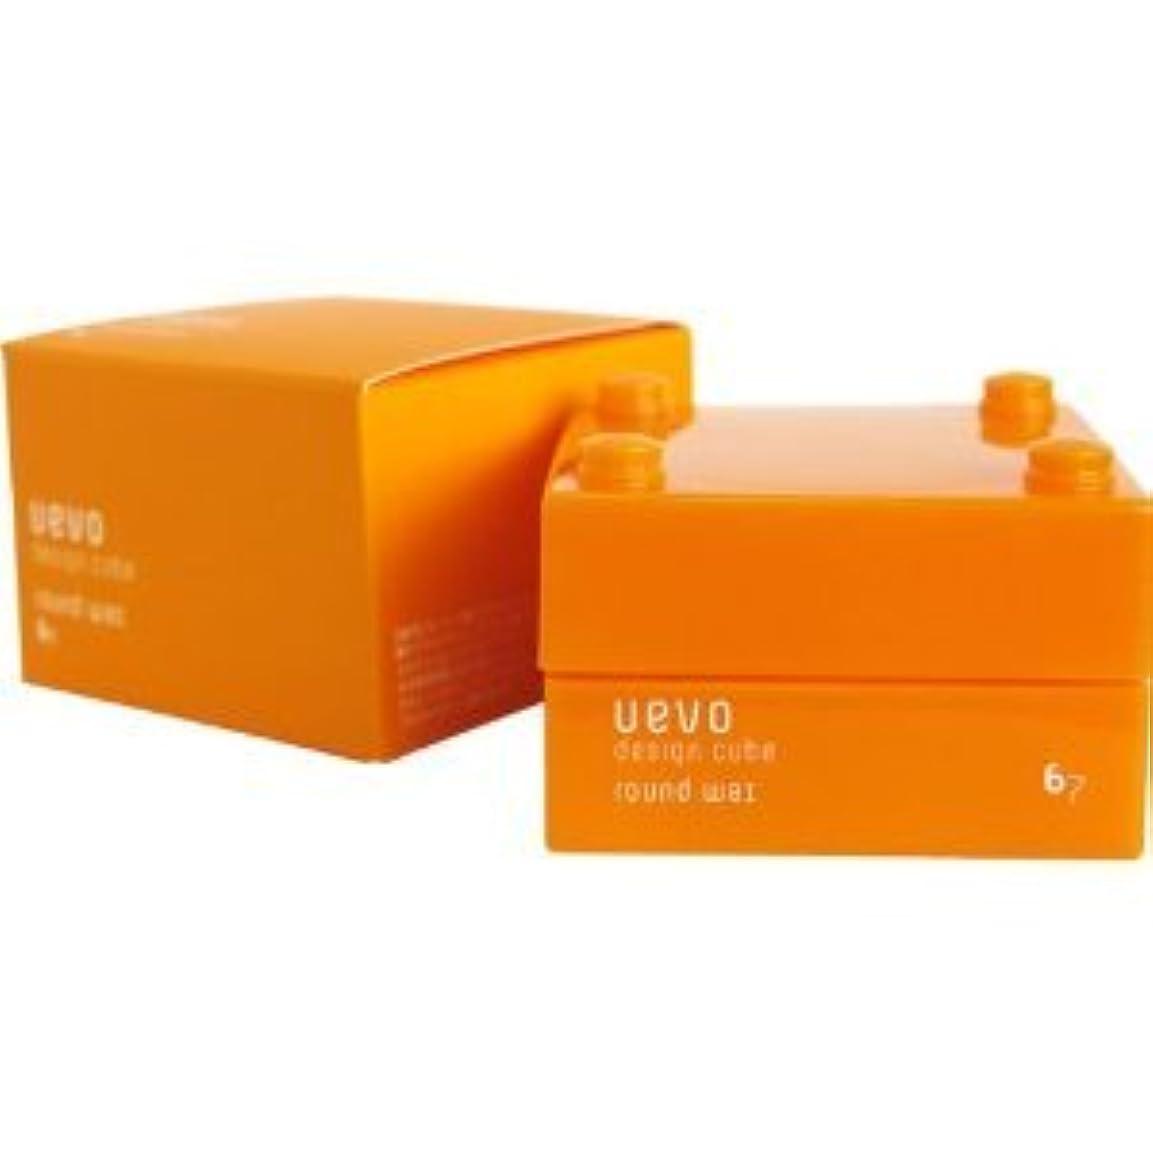 メディック思い出会話型デミ ウェーボ デザインキューブ ラウンドワックス 30g round wax DEMI uevo design cube